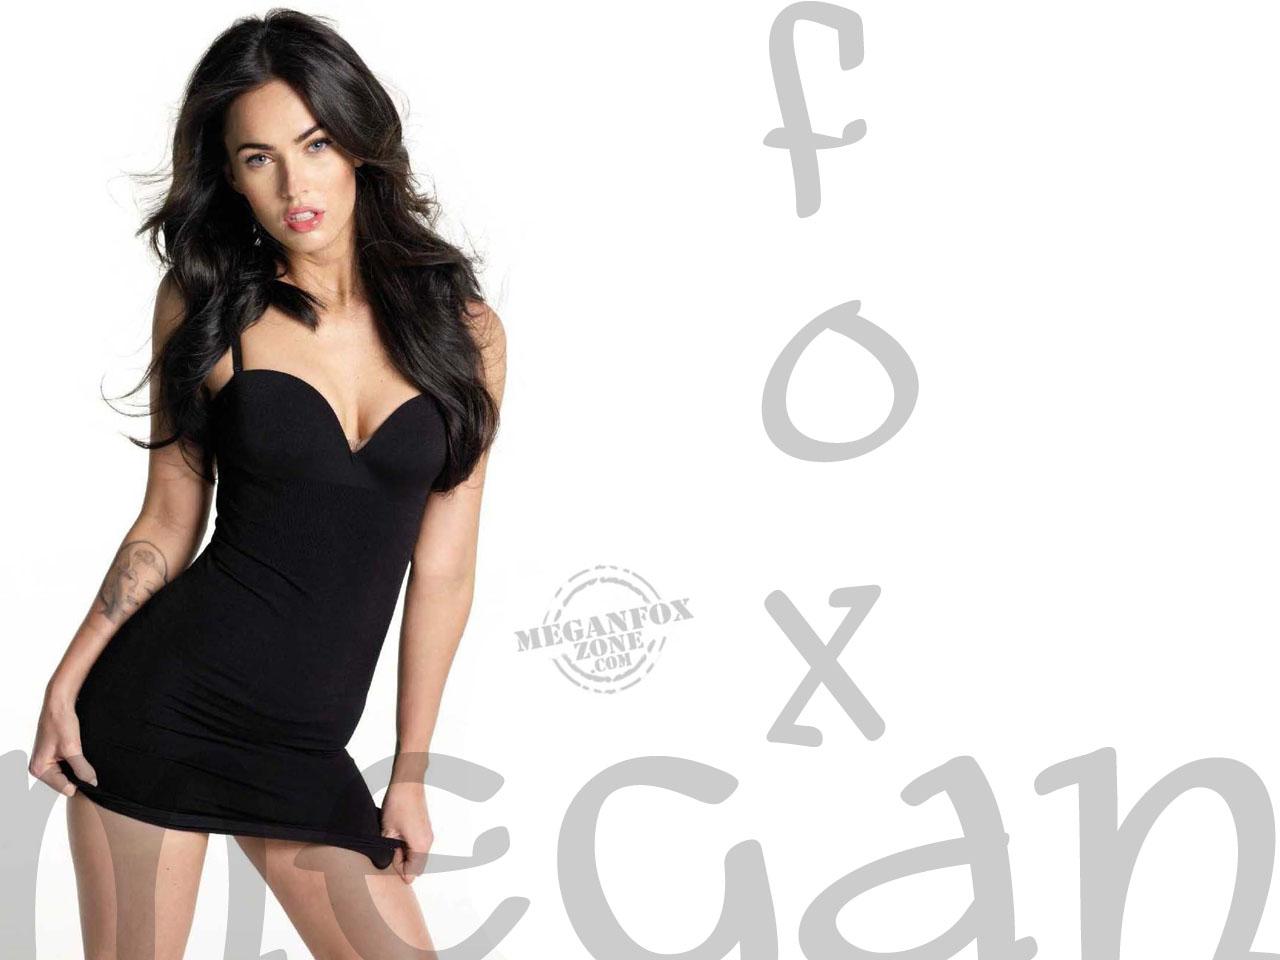 http://3.bp.blogspot.com/-w2BNtcs-mE8/TvrfNoYf82I/AAAAAAAABrE/BLHq0TqQ1T8/s1600/Megan-Fox-Wallpaper-3.jpg